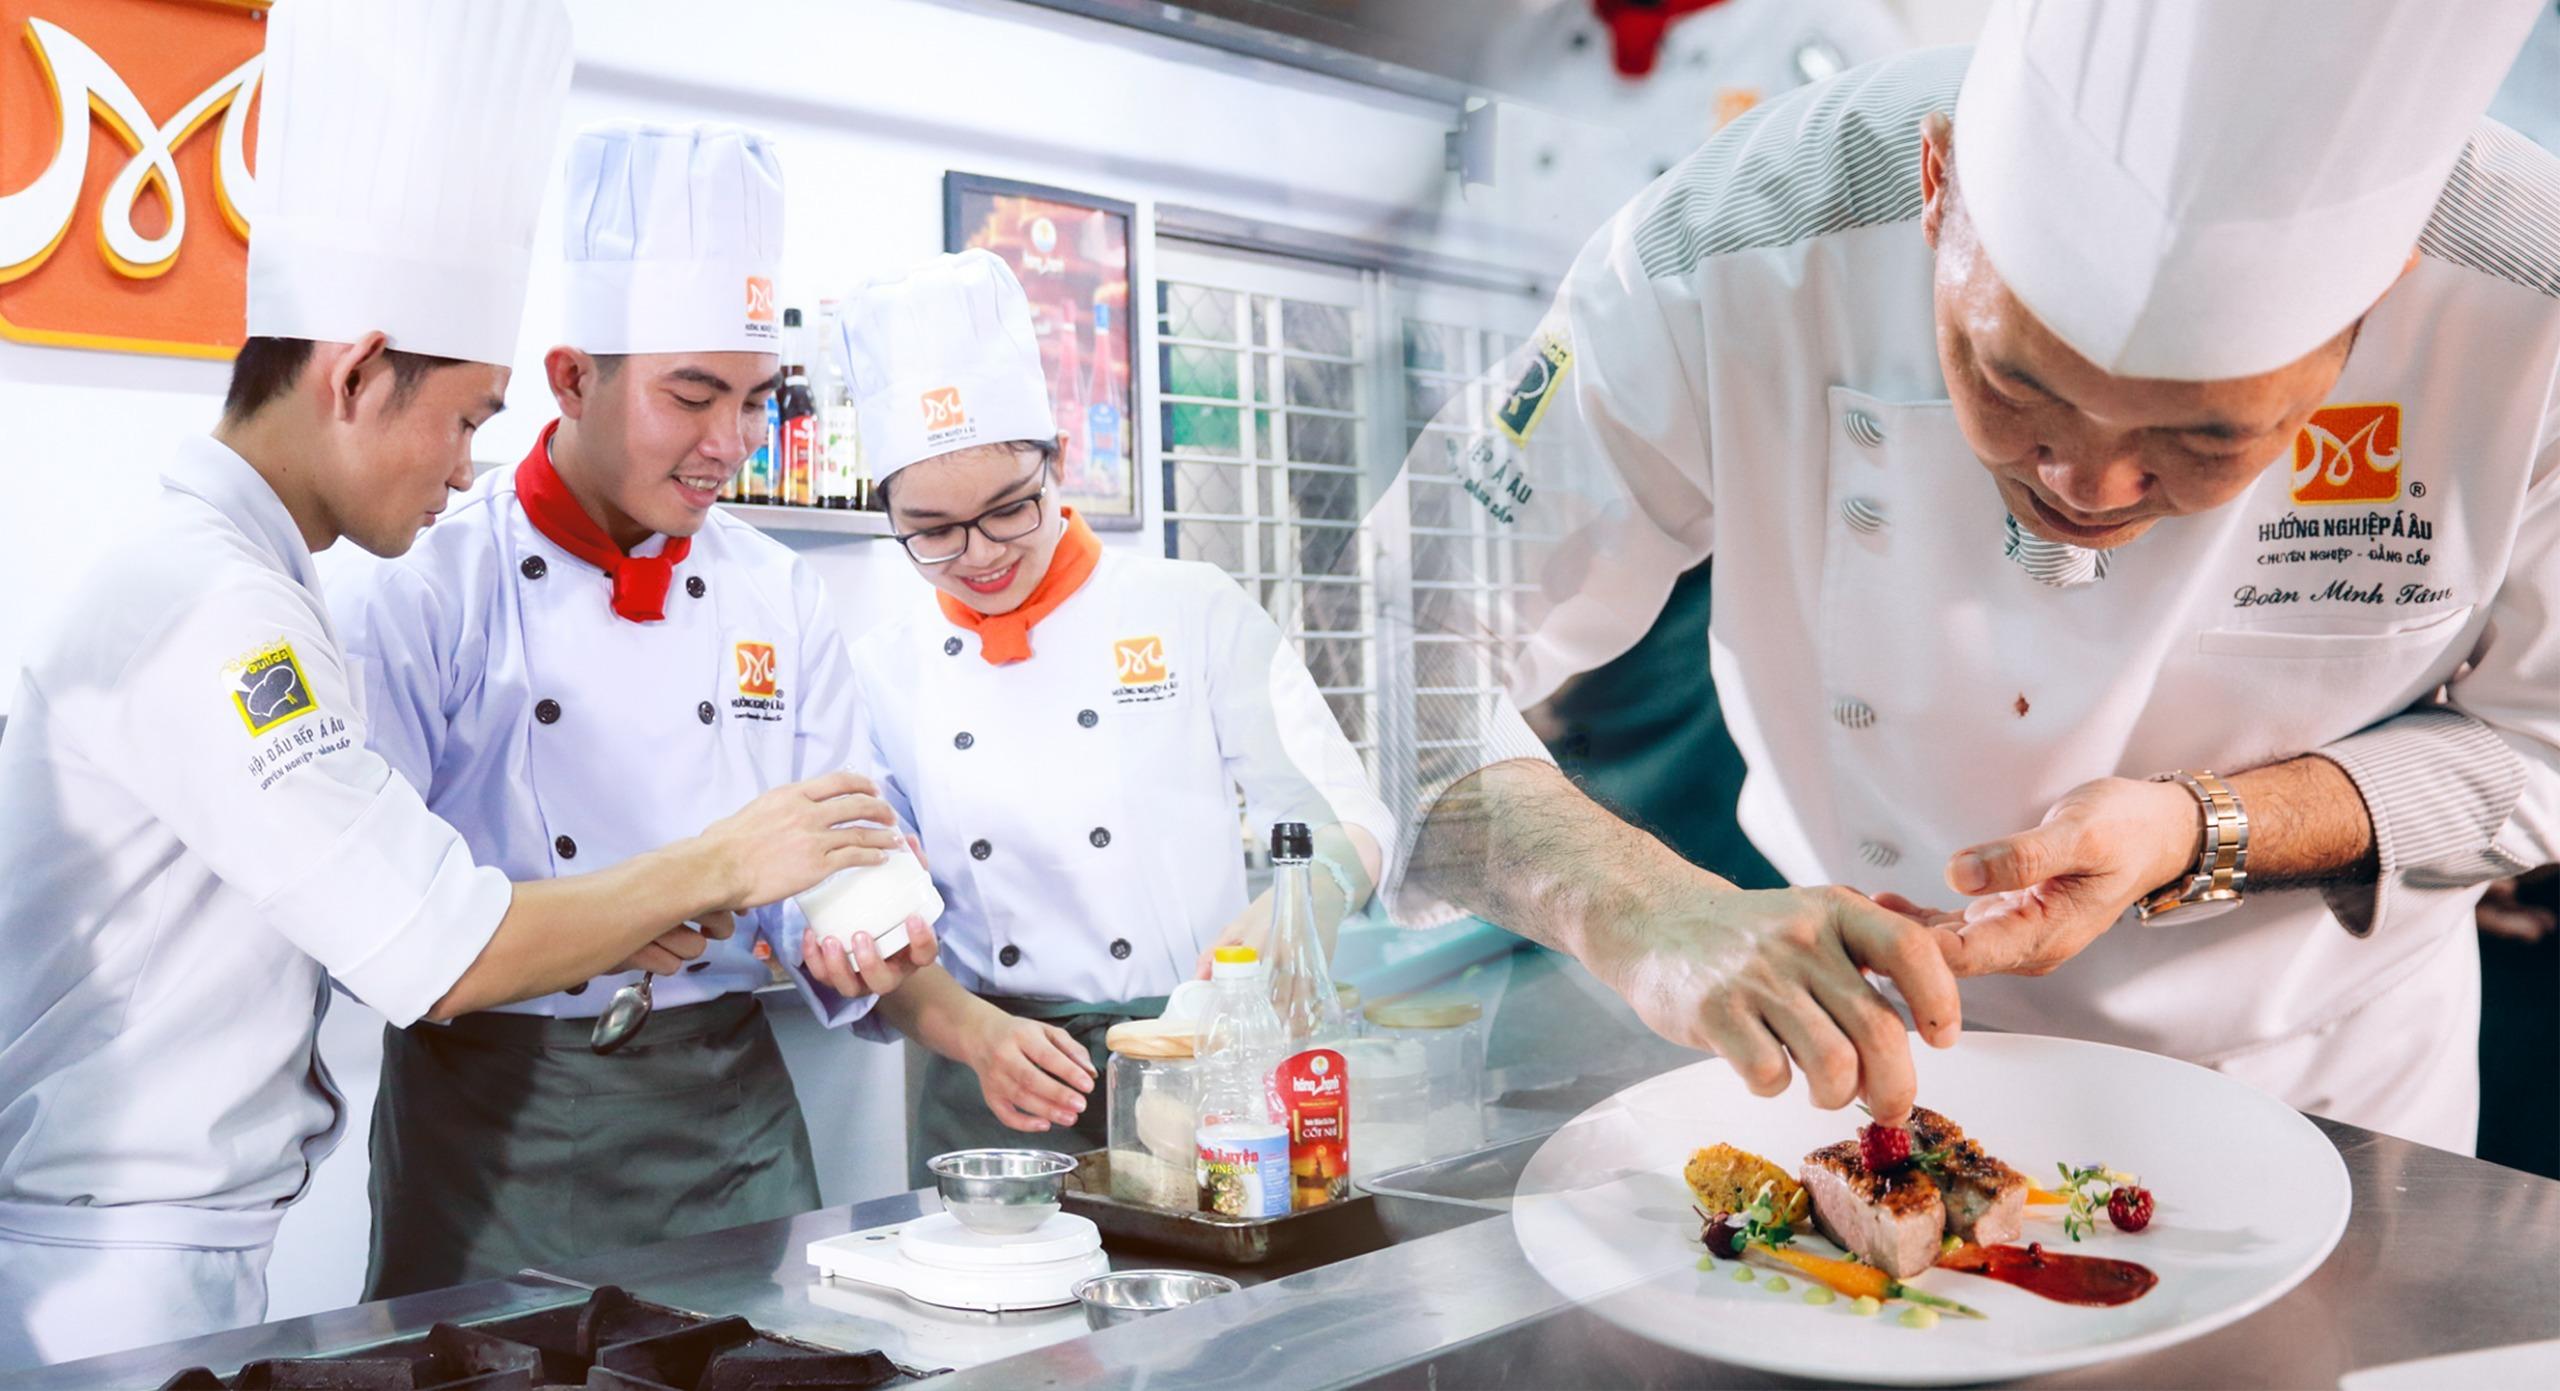 Trường Dạy Nghề Nấu Ăn, Đầu Bếp Chuyên Nghiệp (@beptruong) Cover Image